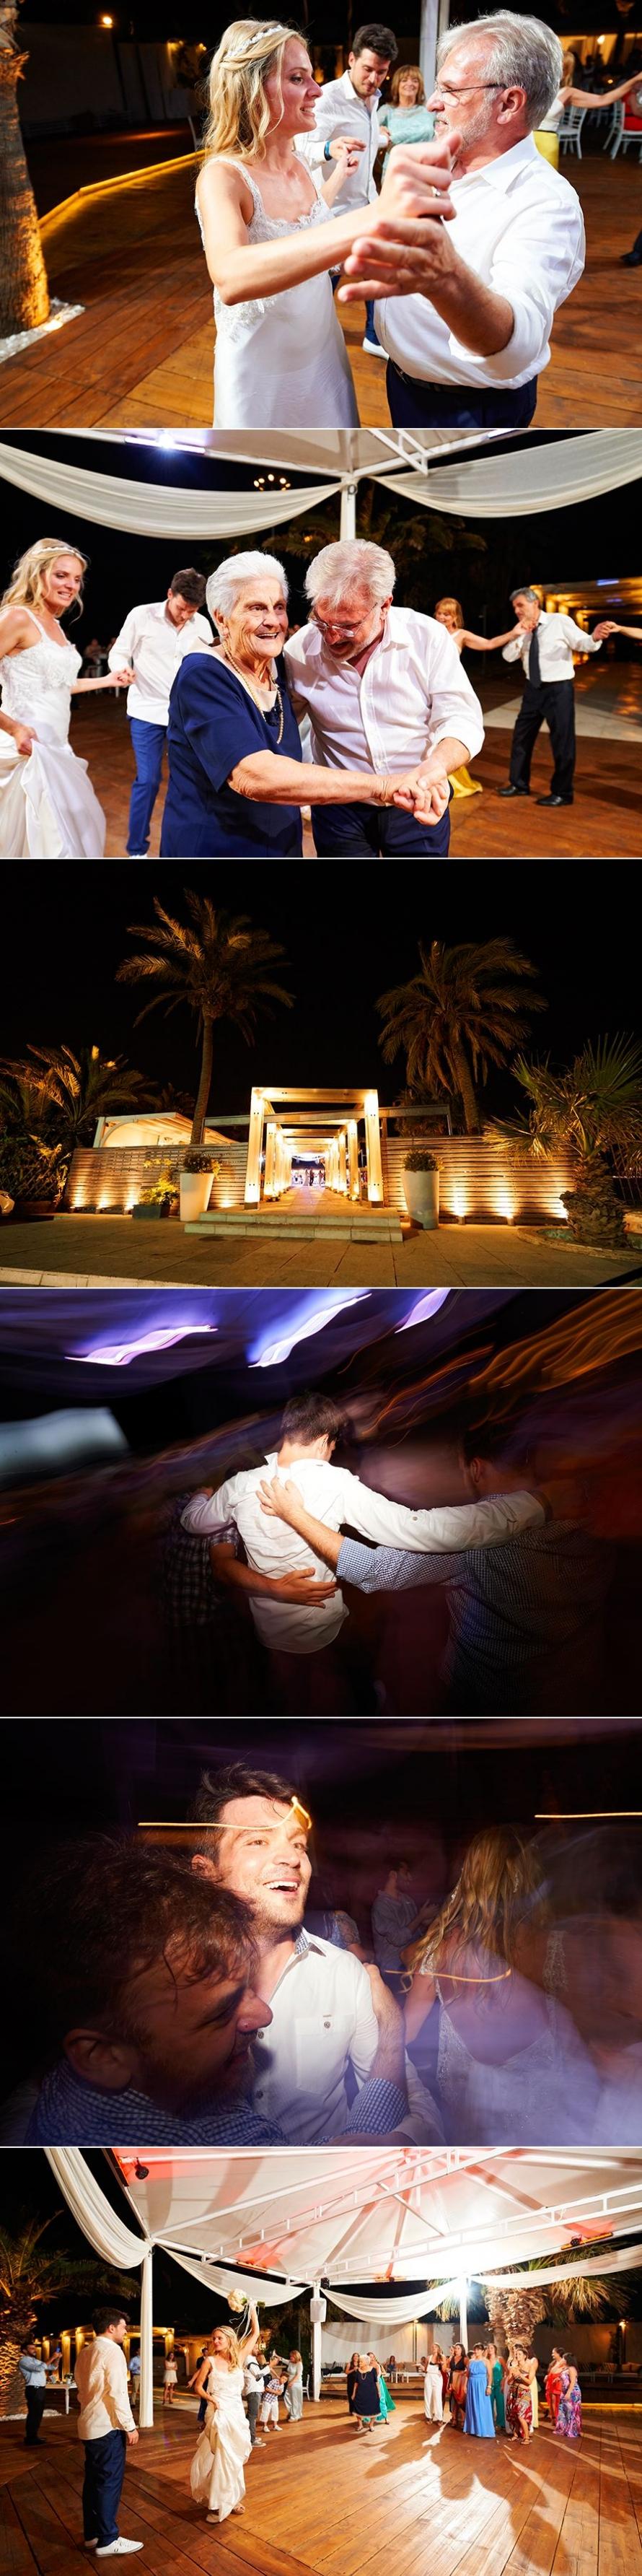 minas-georgia-wedding-photos-22